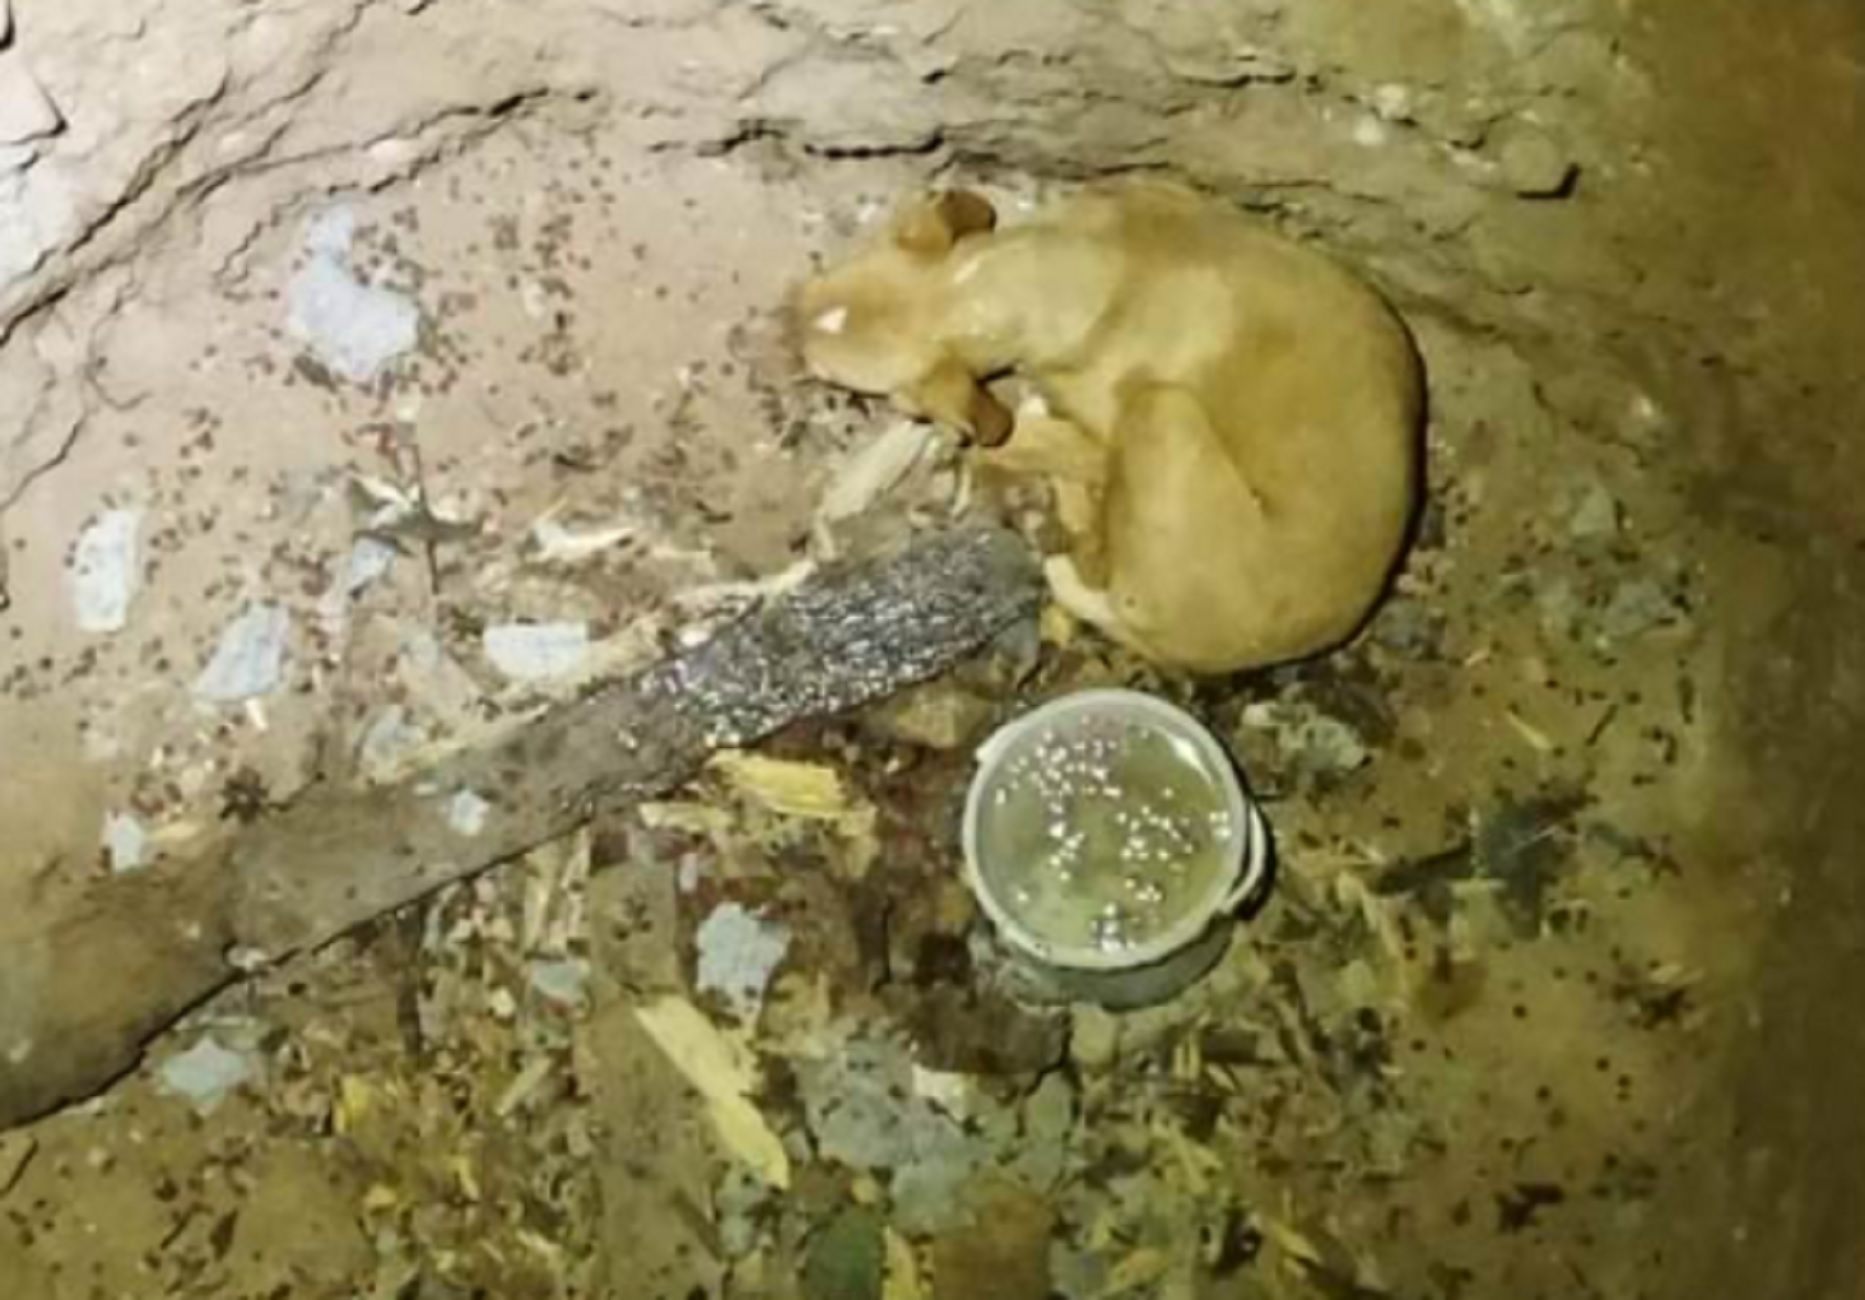 Κοζάνη: Δραματική διάσωση σκύλου που έπεσε σε αυτό το πηγάδι – Ο Ράιαν είναι ξανά χαρούμενος (pics)